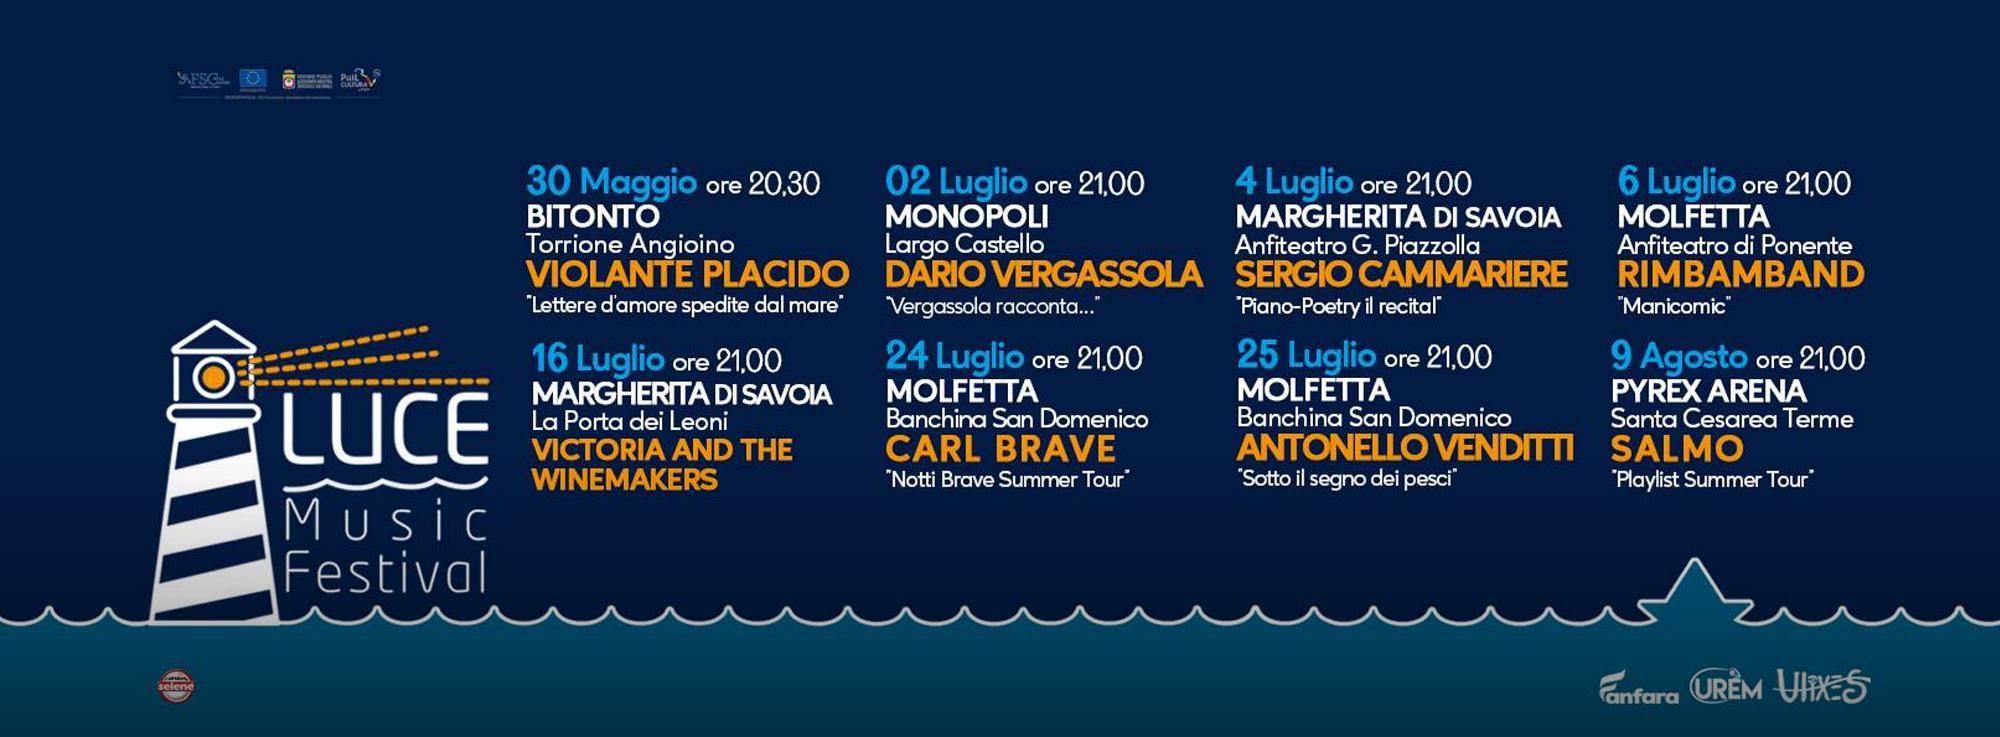 Polignano a Mare, Margherita di Savoia, Monopoli, Molfetta e Santa Cesarea Terme: Luce Music Festival